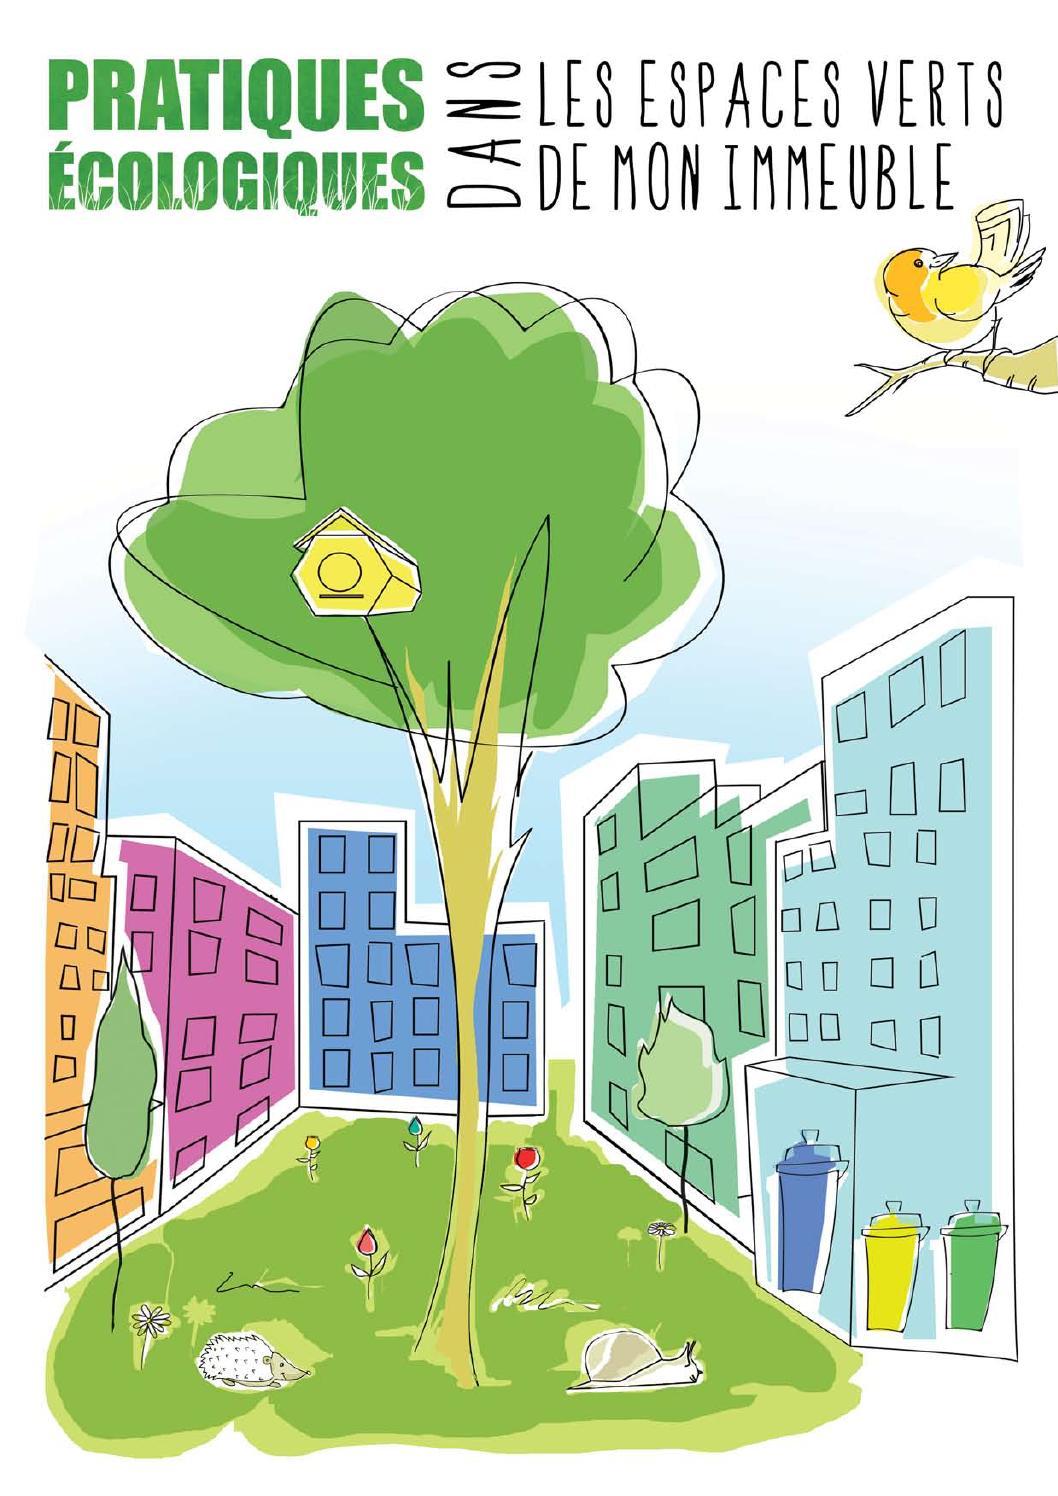 Pratiques Ecologiques Dans Les Espaces Verts De Mon Immeuble By